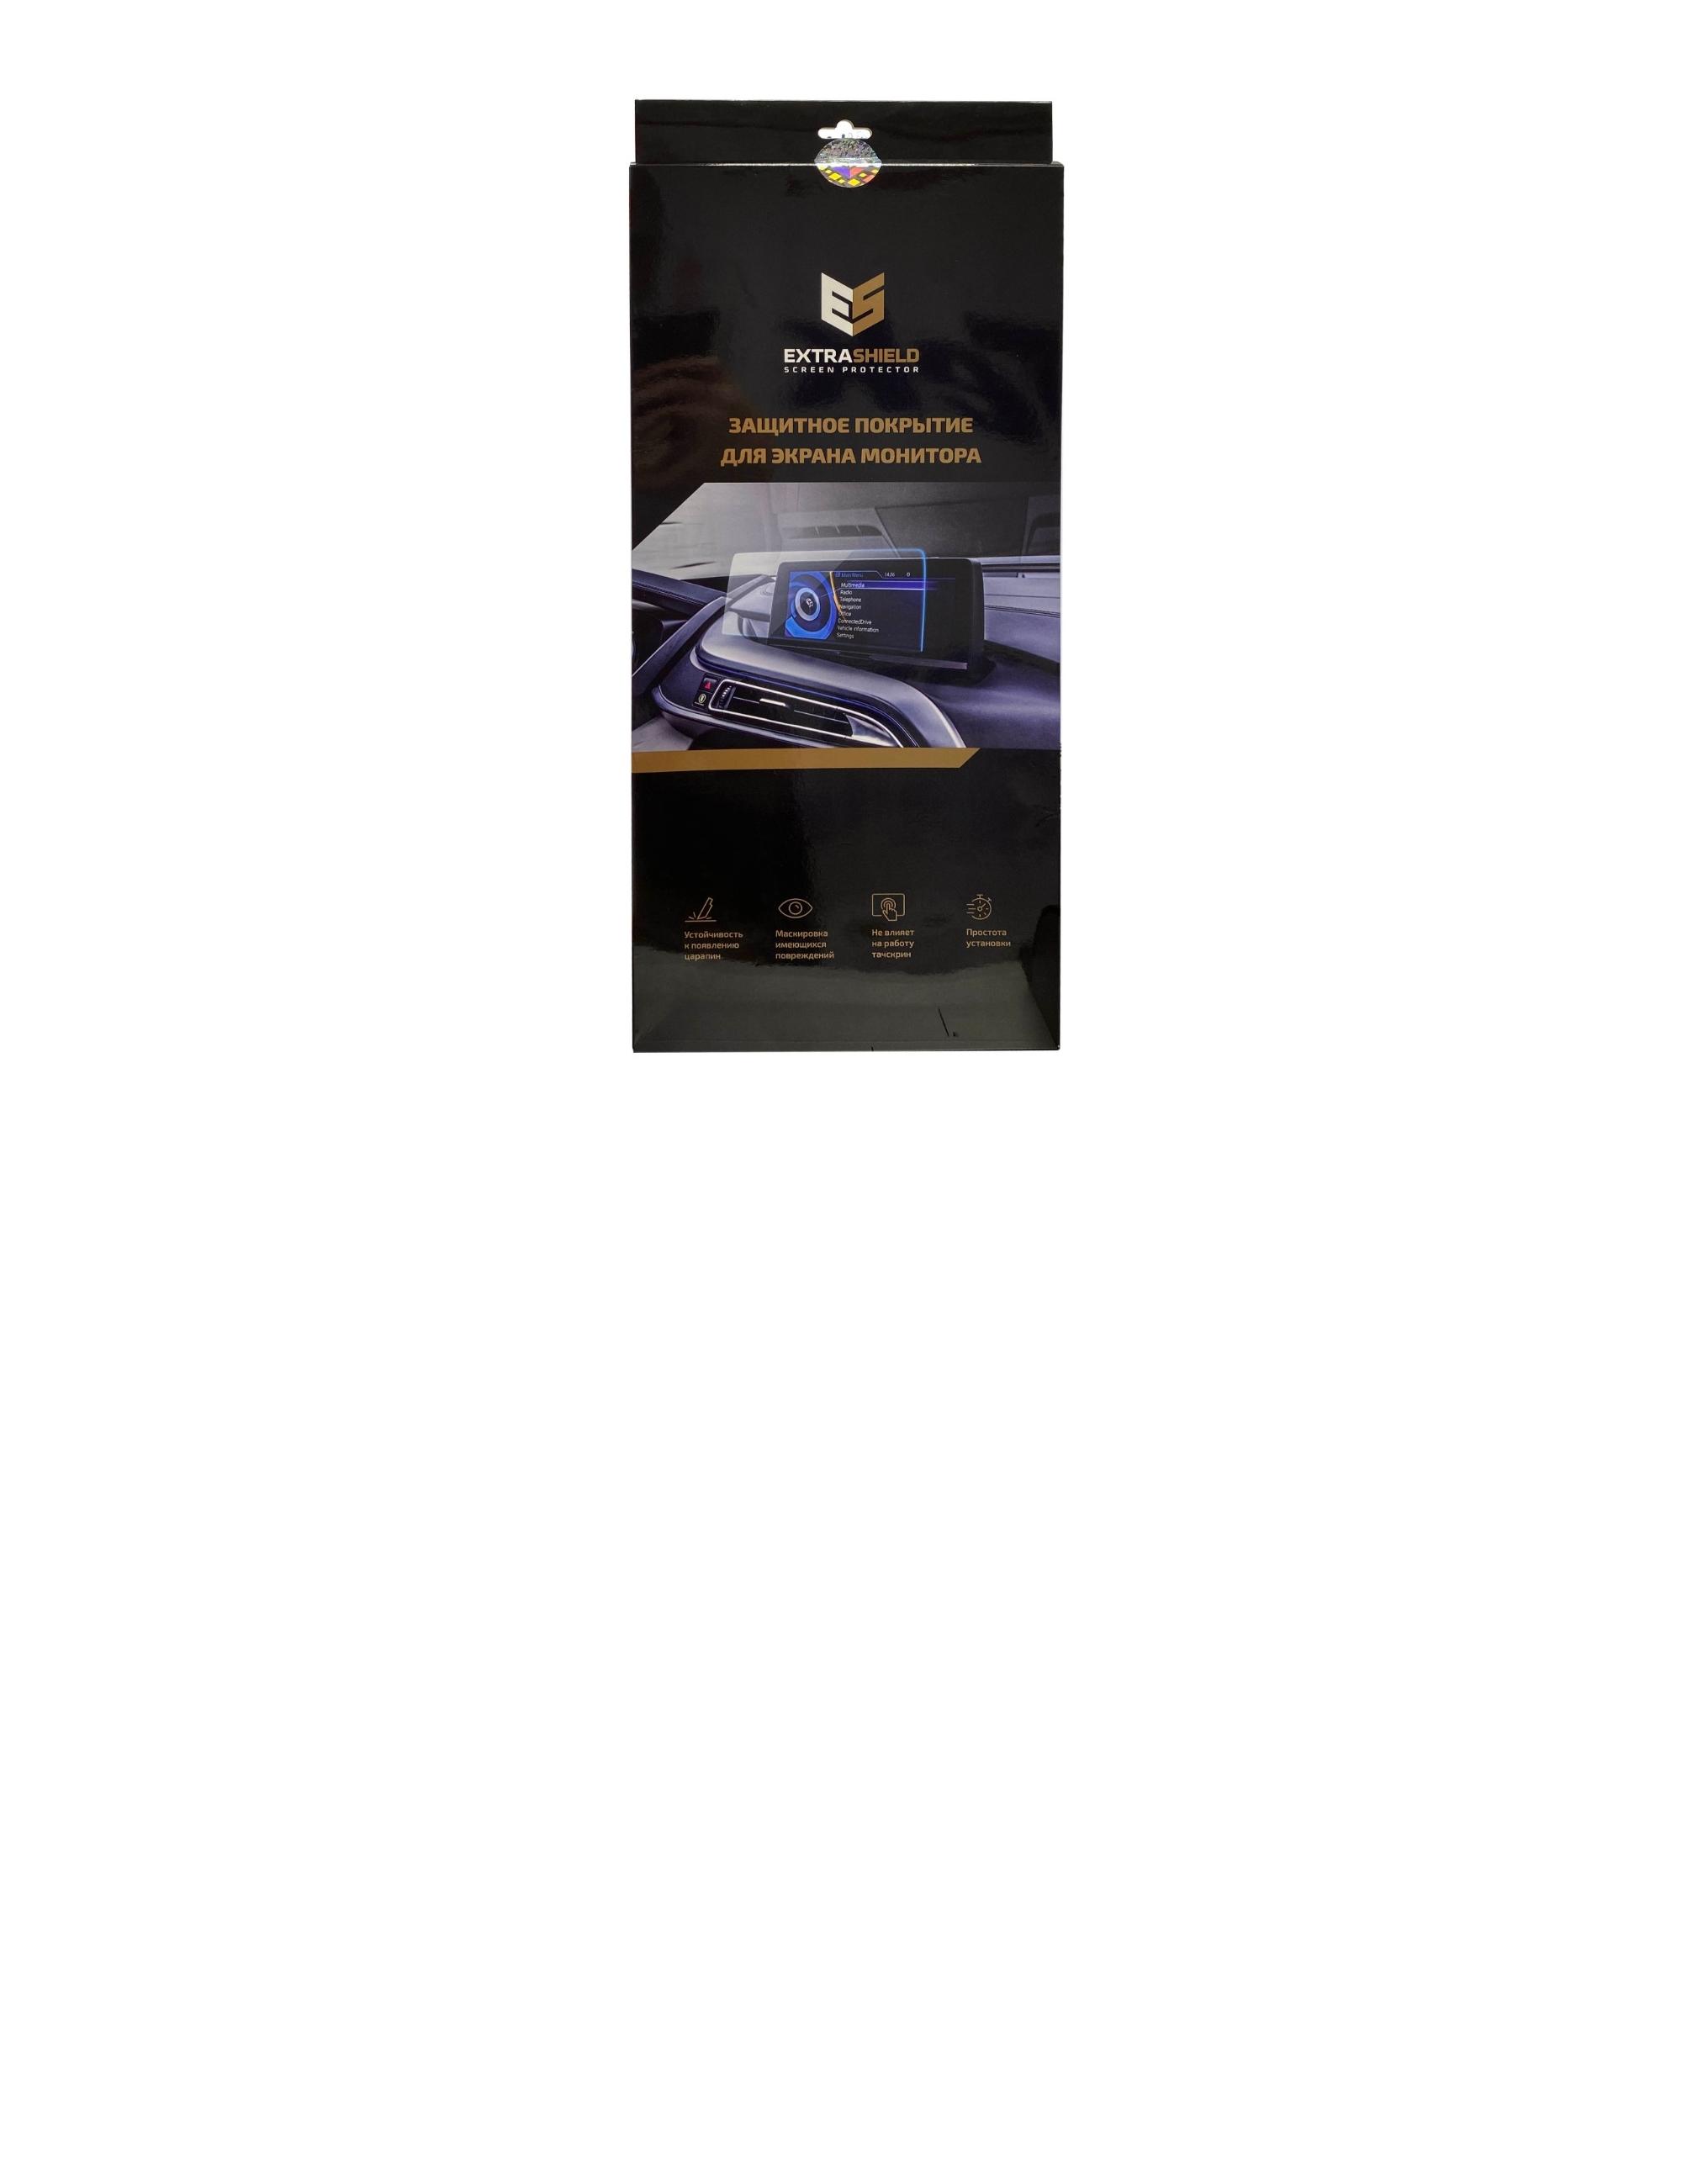 Bentley Bentayga 2020 - н.в. мультимедиа 10,9 Статическая пленка Матовая